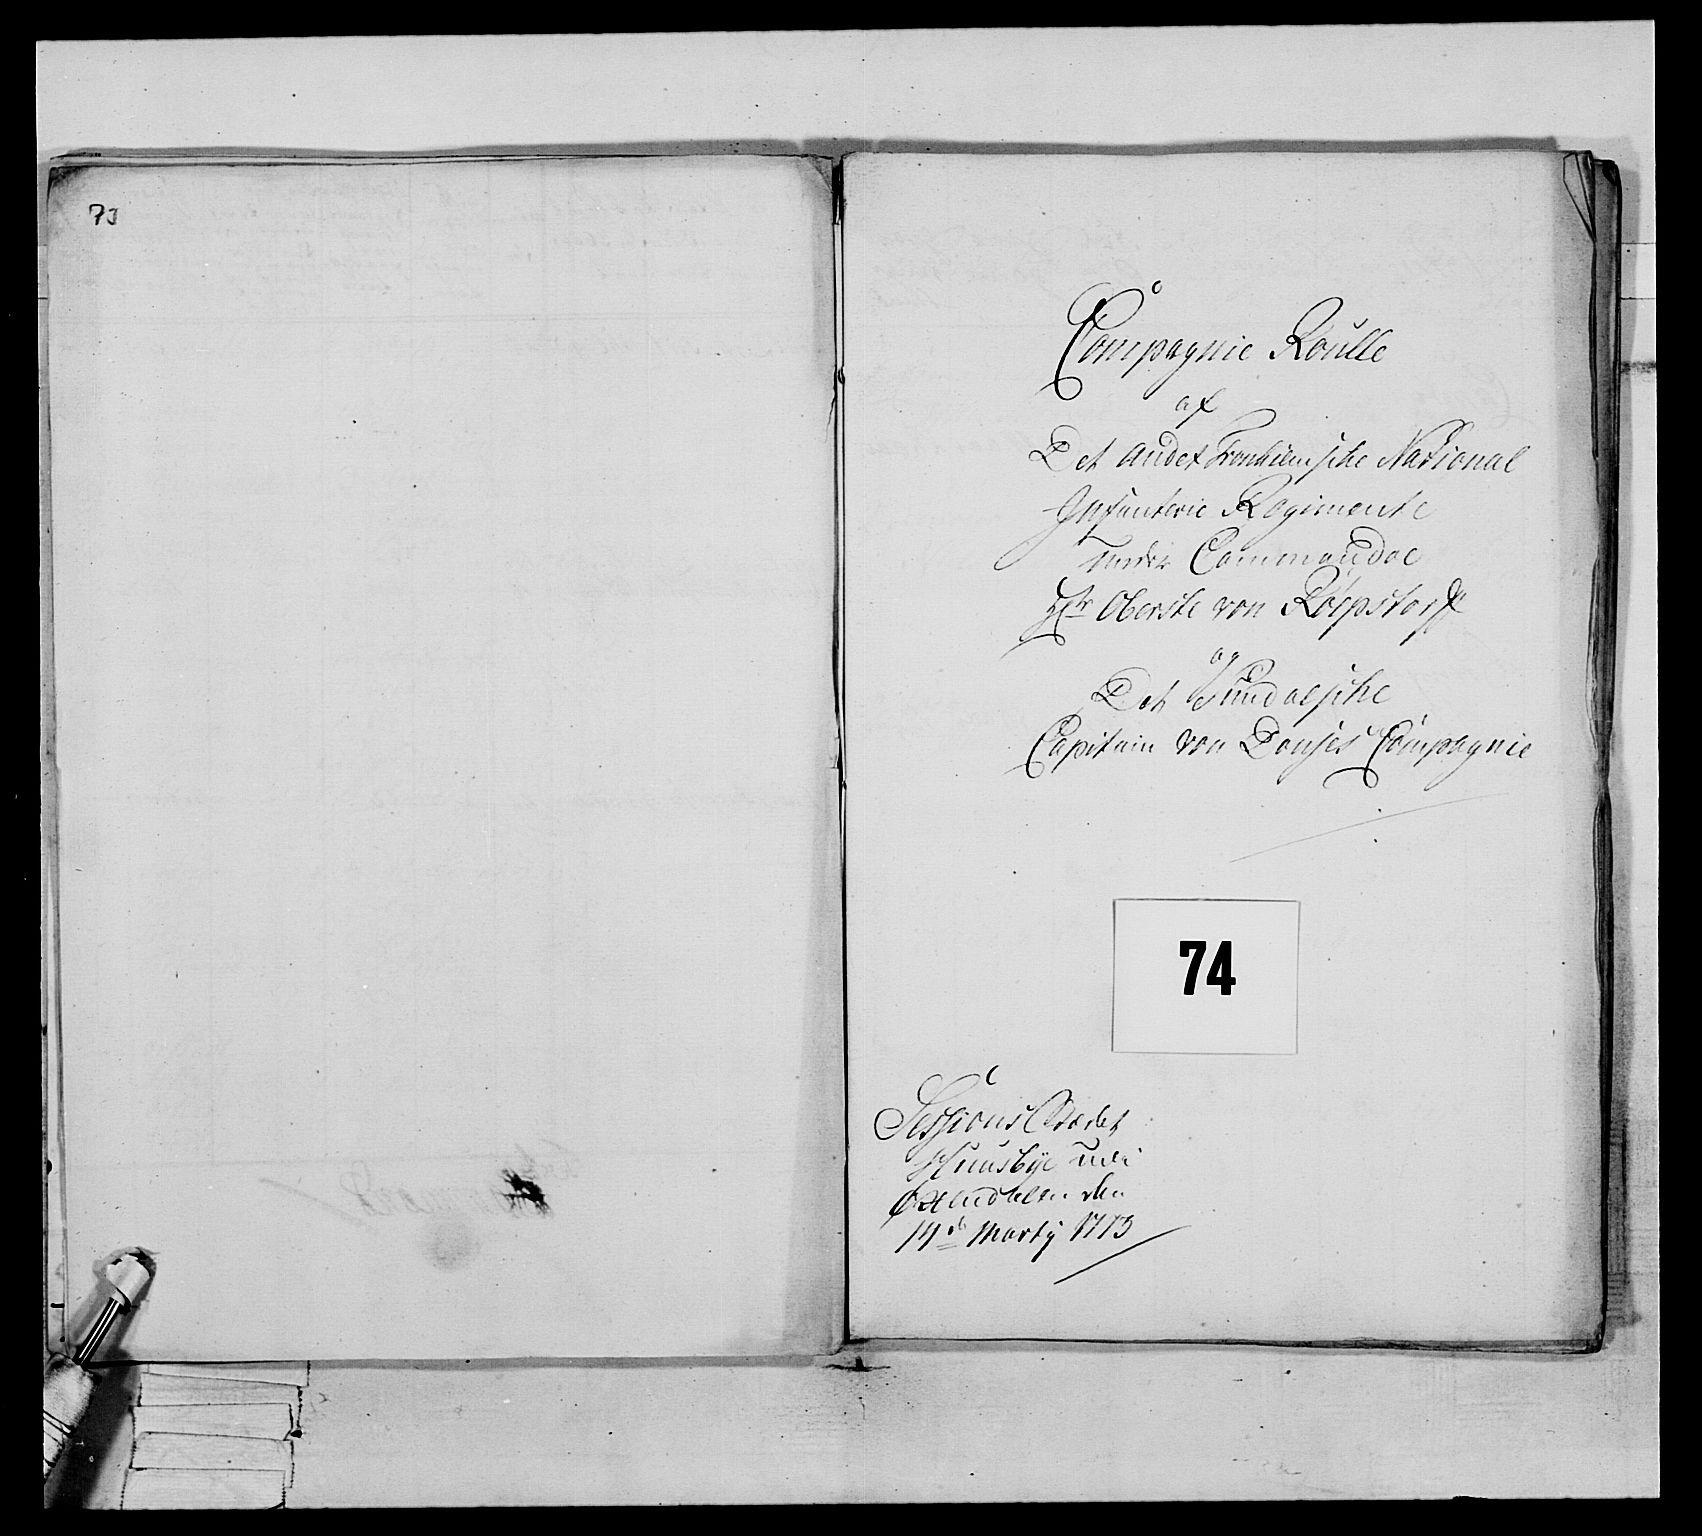 RA, Generalitets- og kommissariatskollegiet, Det kongelige norske kommissariatskollegium, E/Eh/L0076: 2. Trondheimske nasjonale infanteriregiment, 1766-1773, s. 321